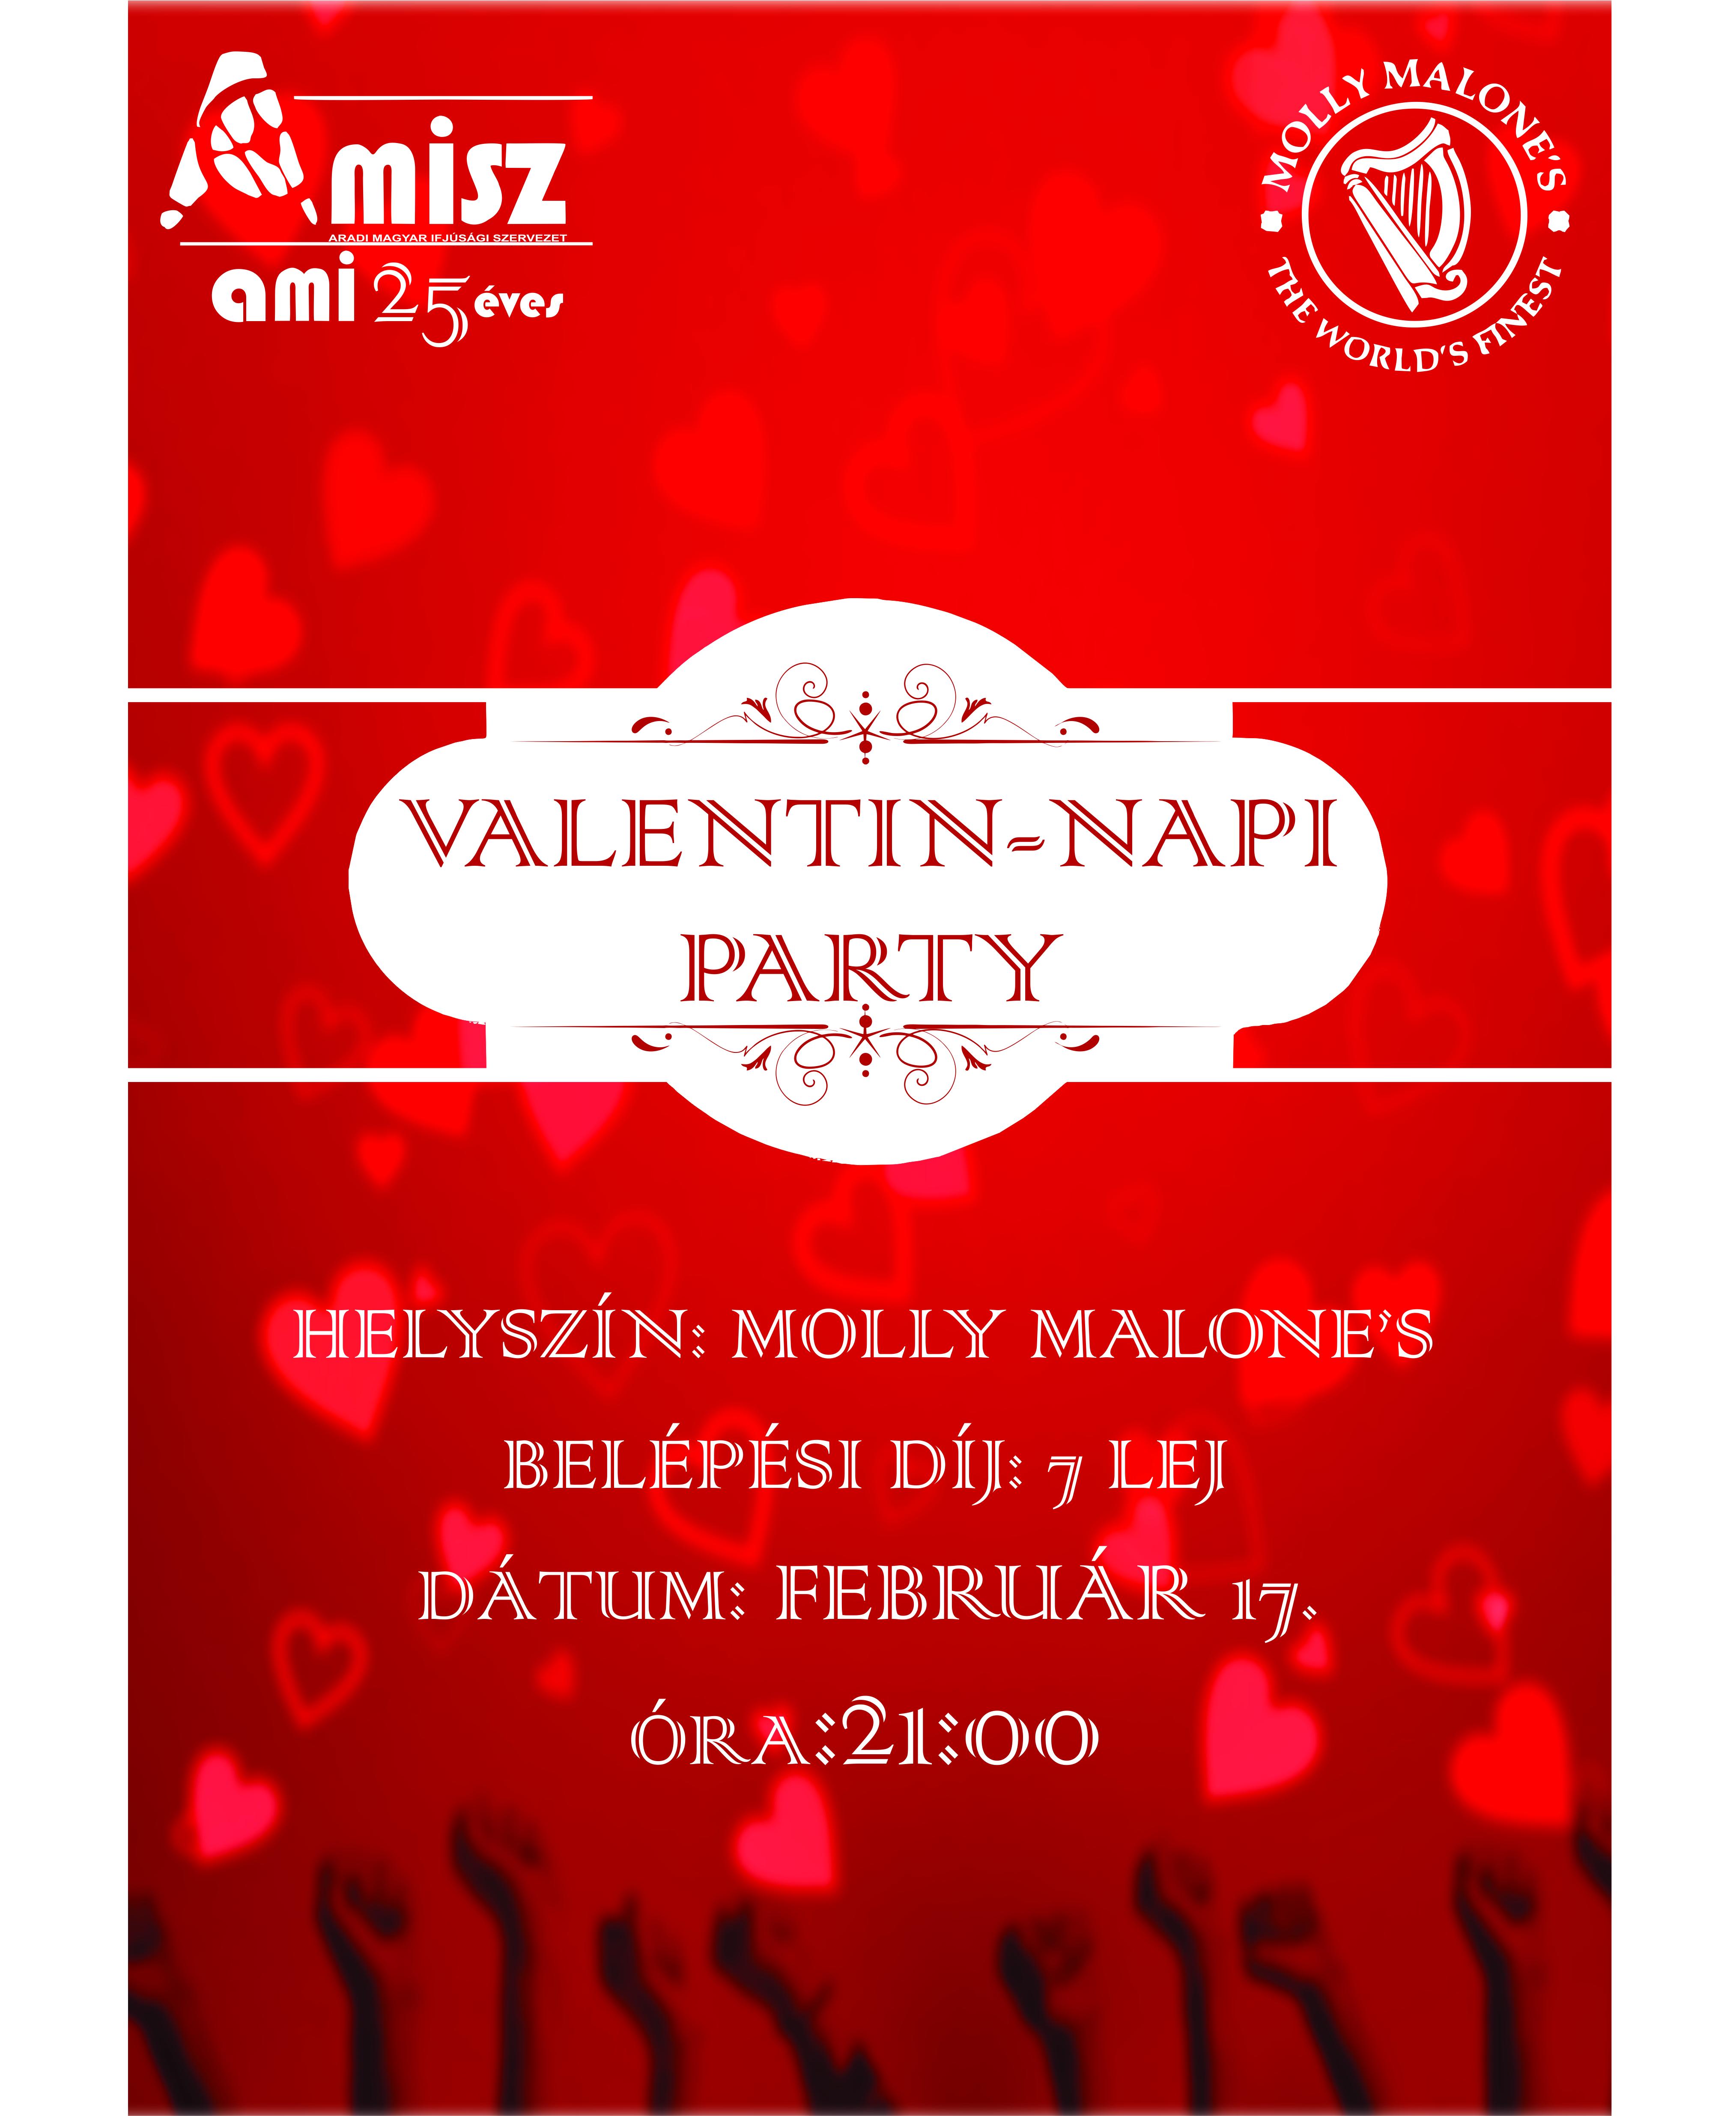 AMISZ Valentin-napi Party